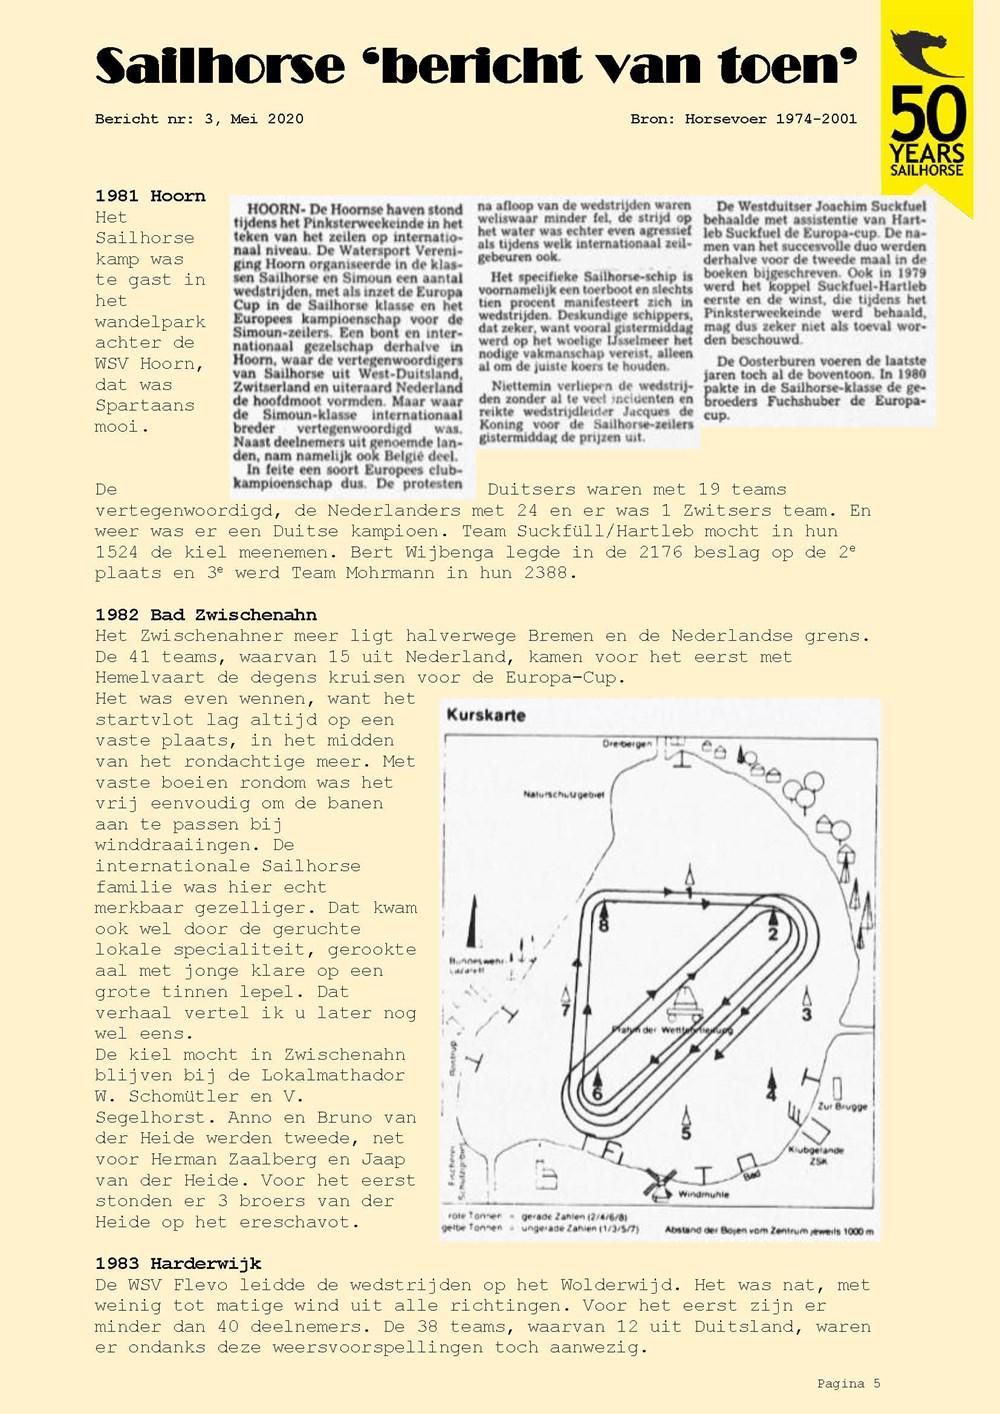 Bericht_van_toen_3_Mei_def_Page_05.jpg